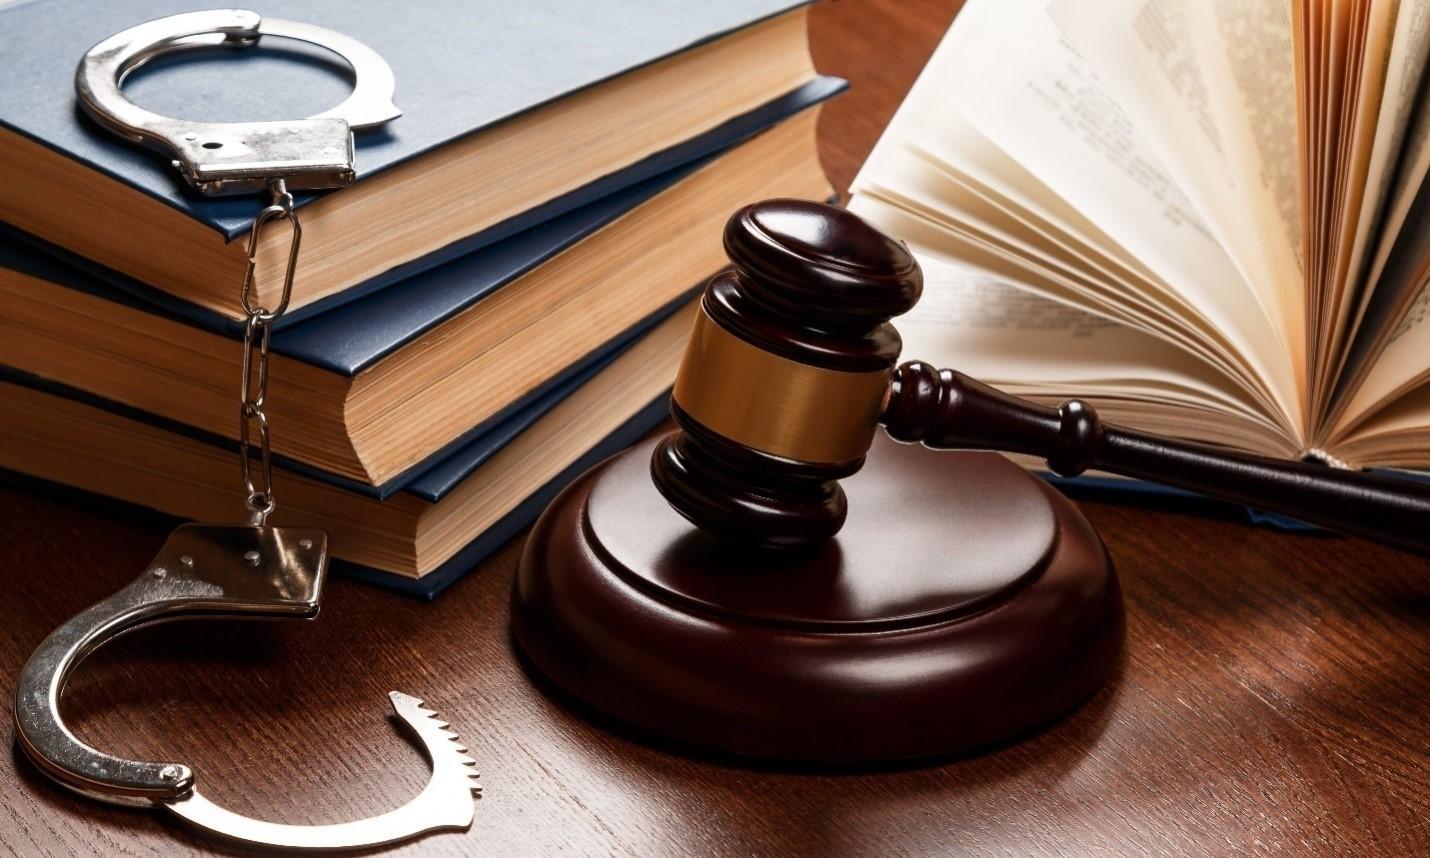 واژه معامله صوری با توجه به نظر کمیسیون نشست قضایی به چه معناست؟